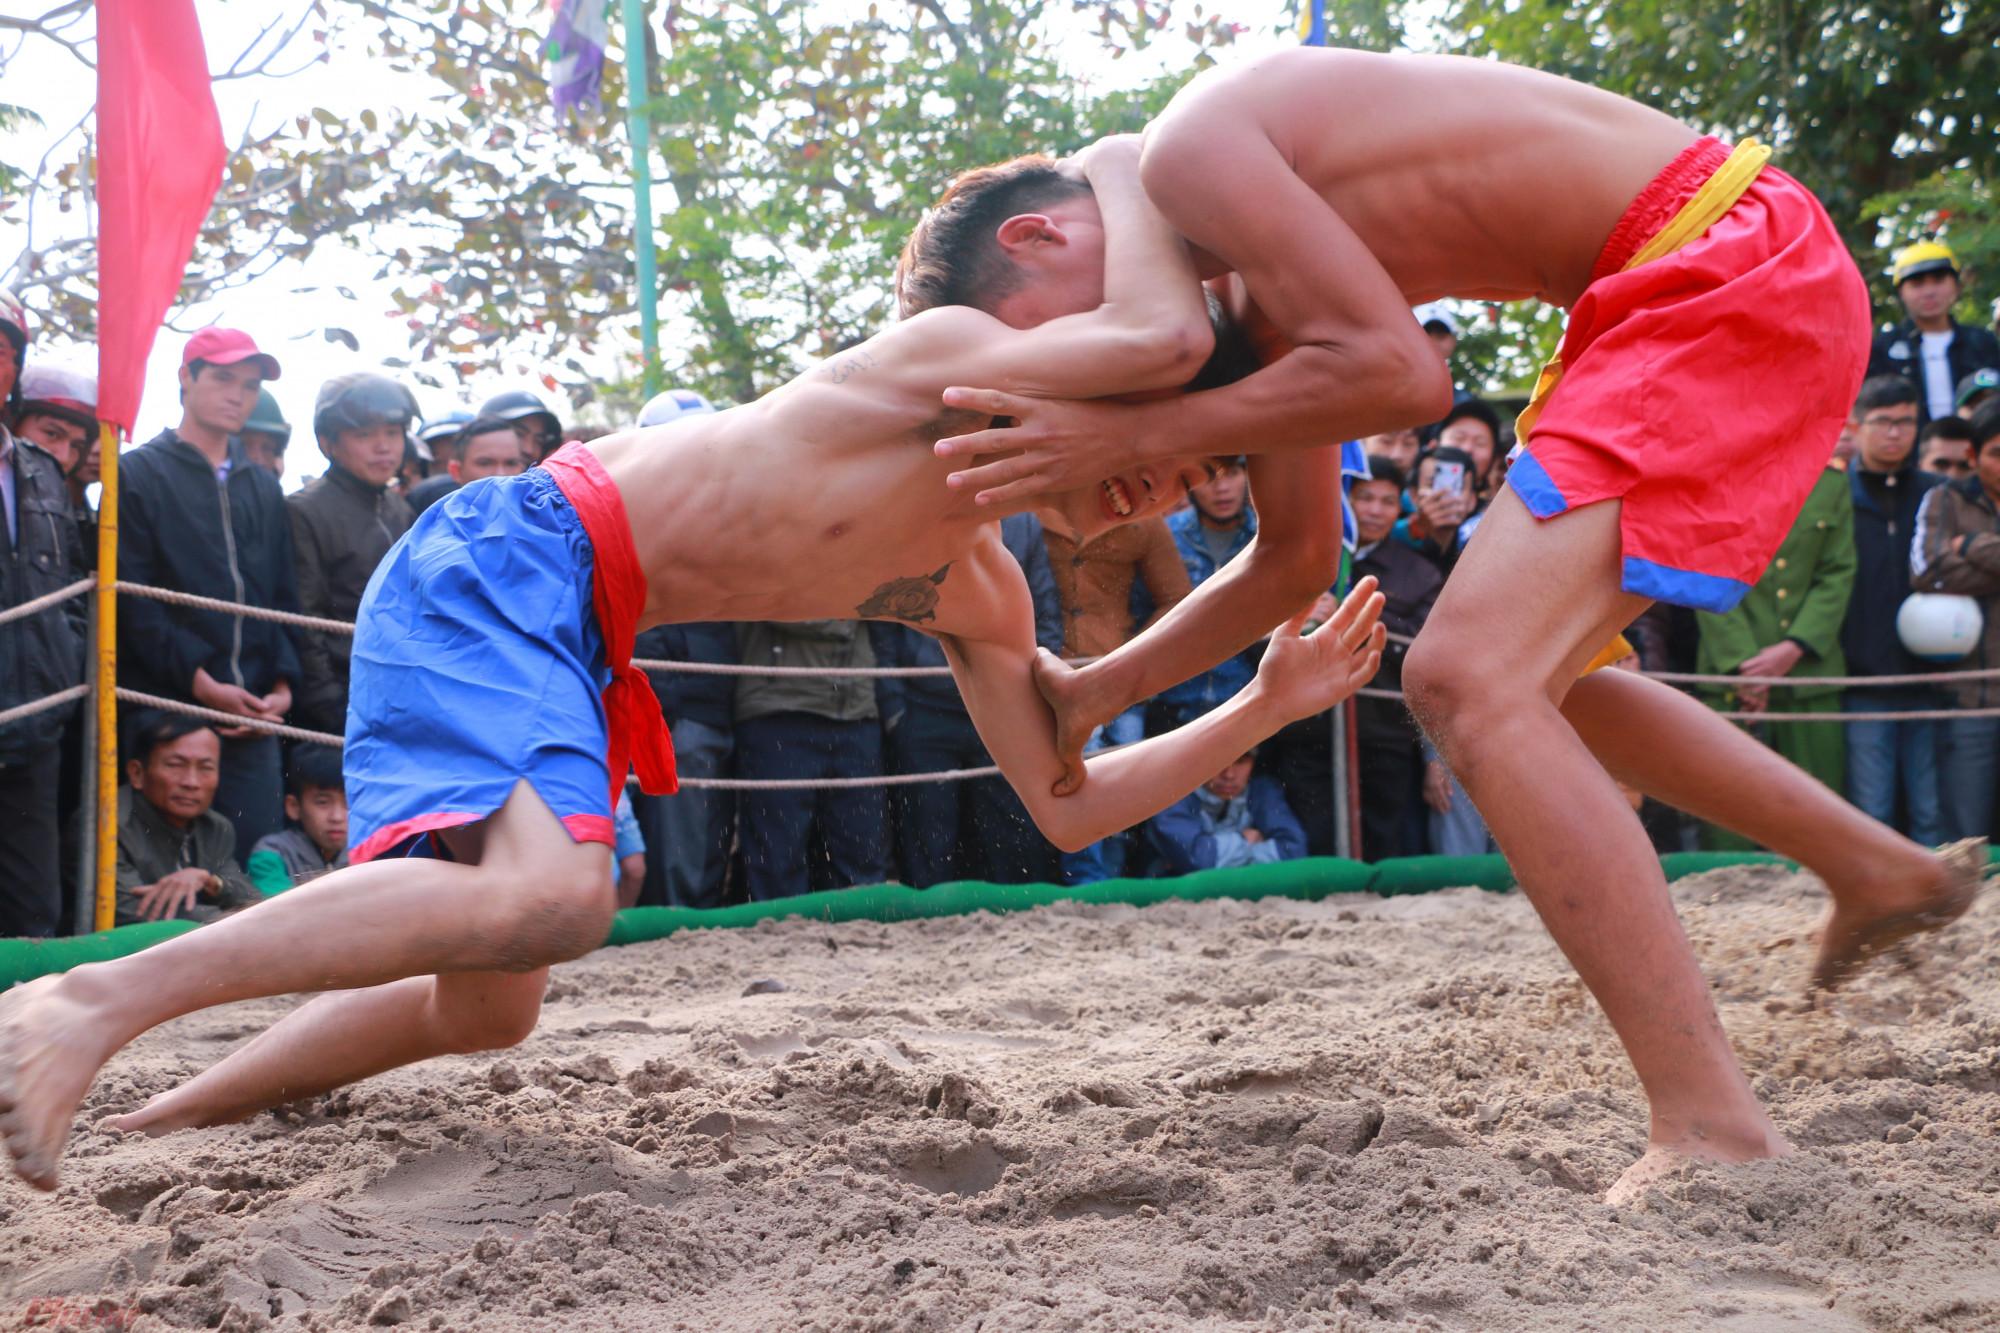 Được biết, Hội vật truyền thống làng Thủ Lễ được hình thành, phát triển từ thời các chúa Nguyễn nhằm tuyển chọn những binh sỹ có sức khỏe tốt tham gia vào quân đội của triều đình